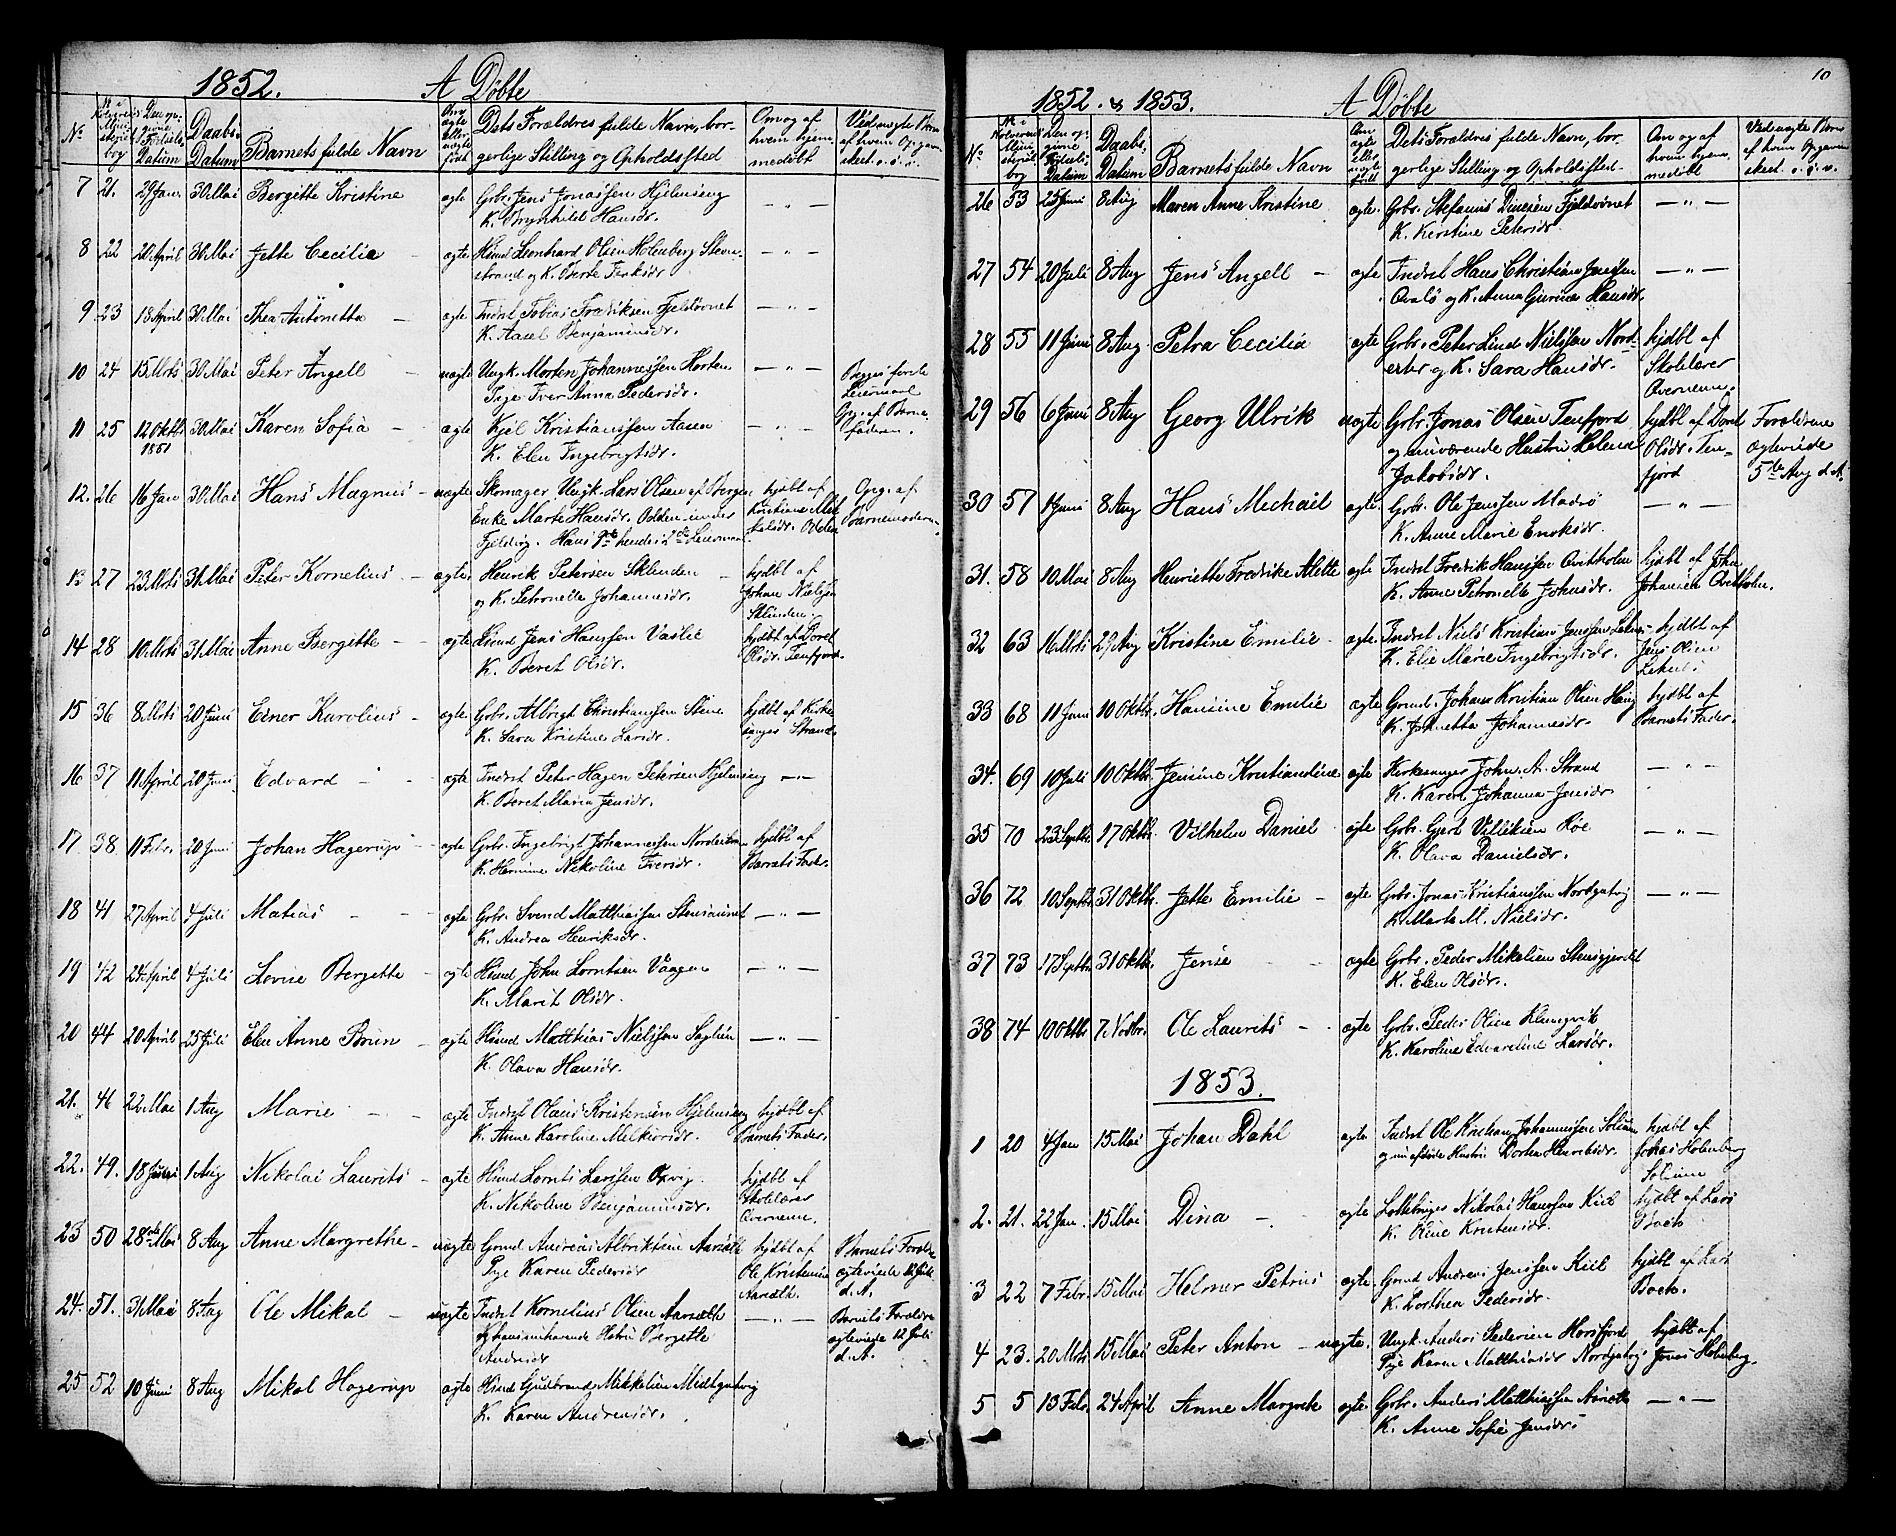 SAT, Ministerialprotokoller, klokkerbøker og fødselsregistre - Nord-Trøndelag, 788/L0695: Ministerialbok nr. 788A02, 1843-1862, s. 10